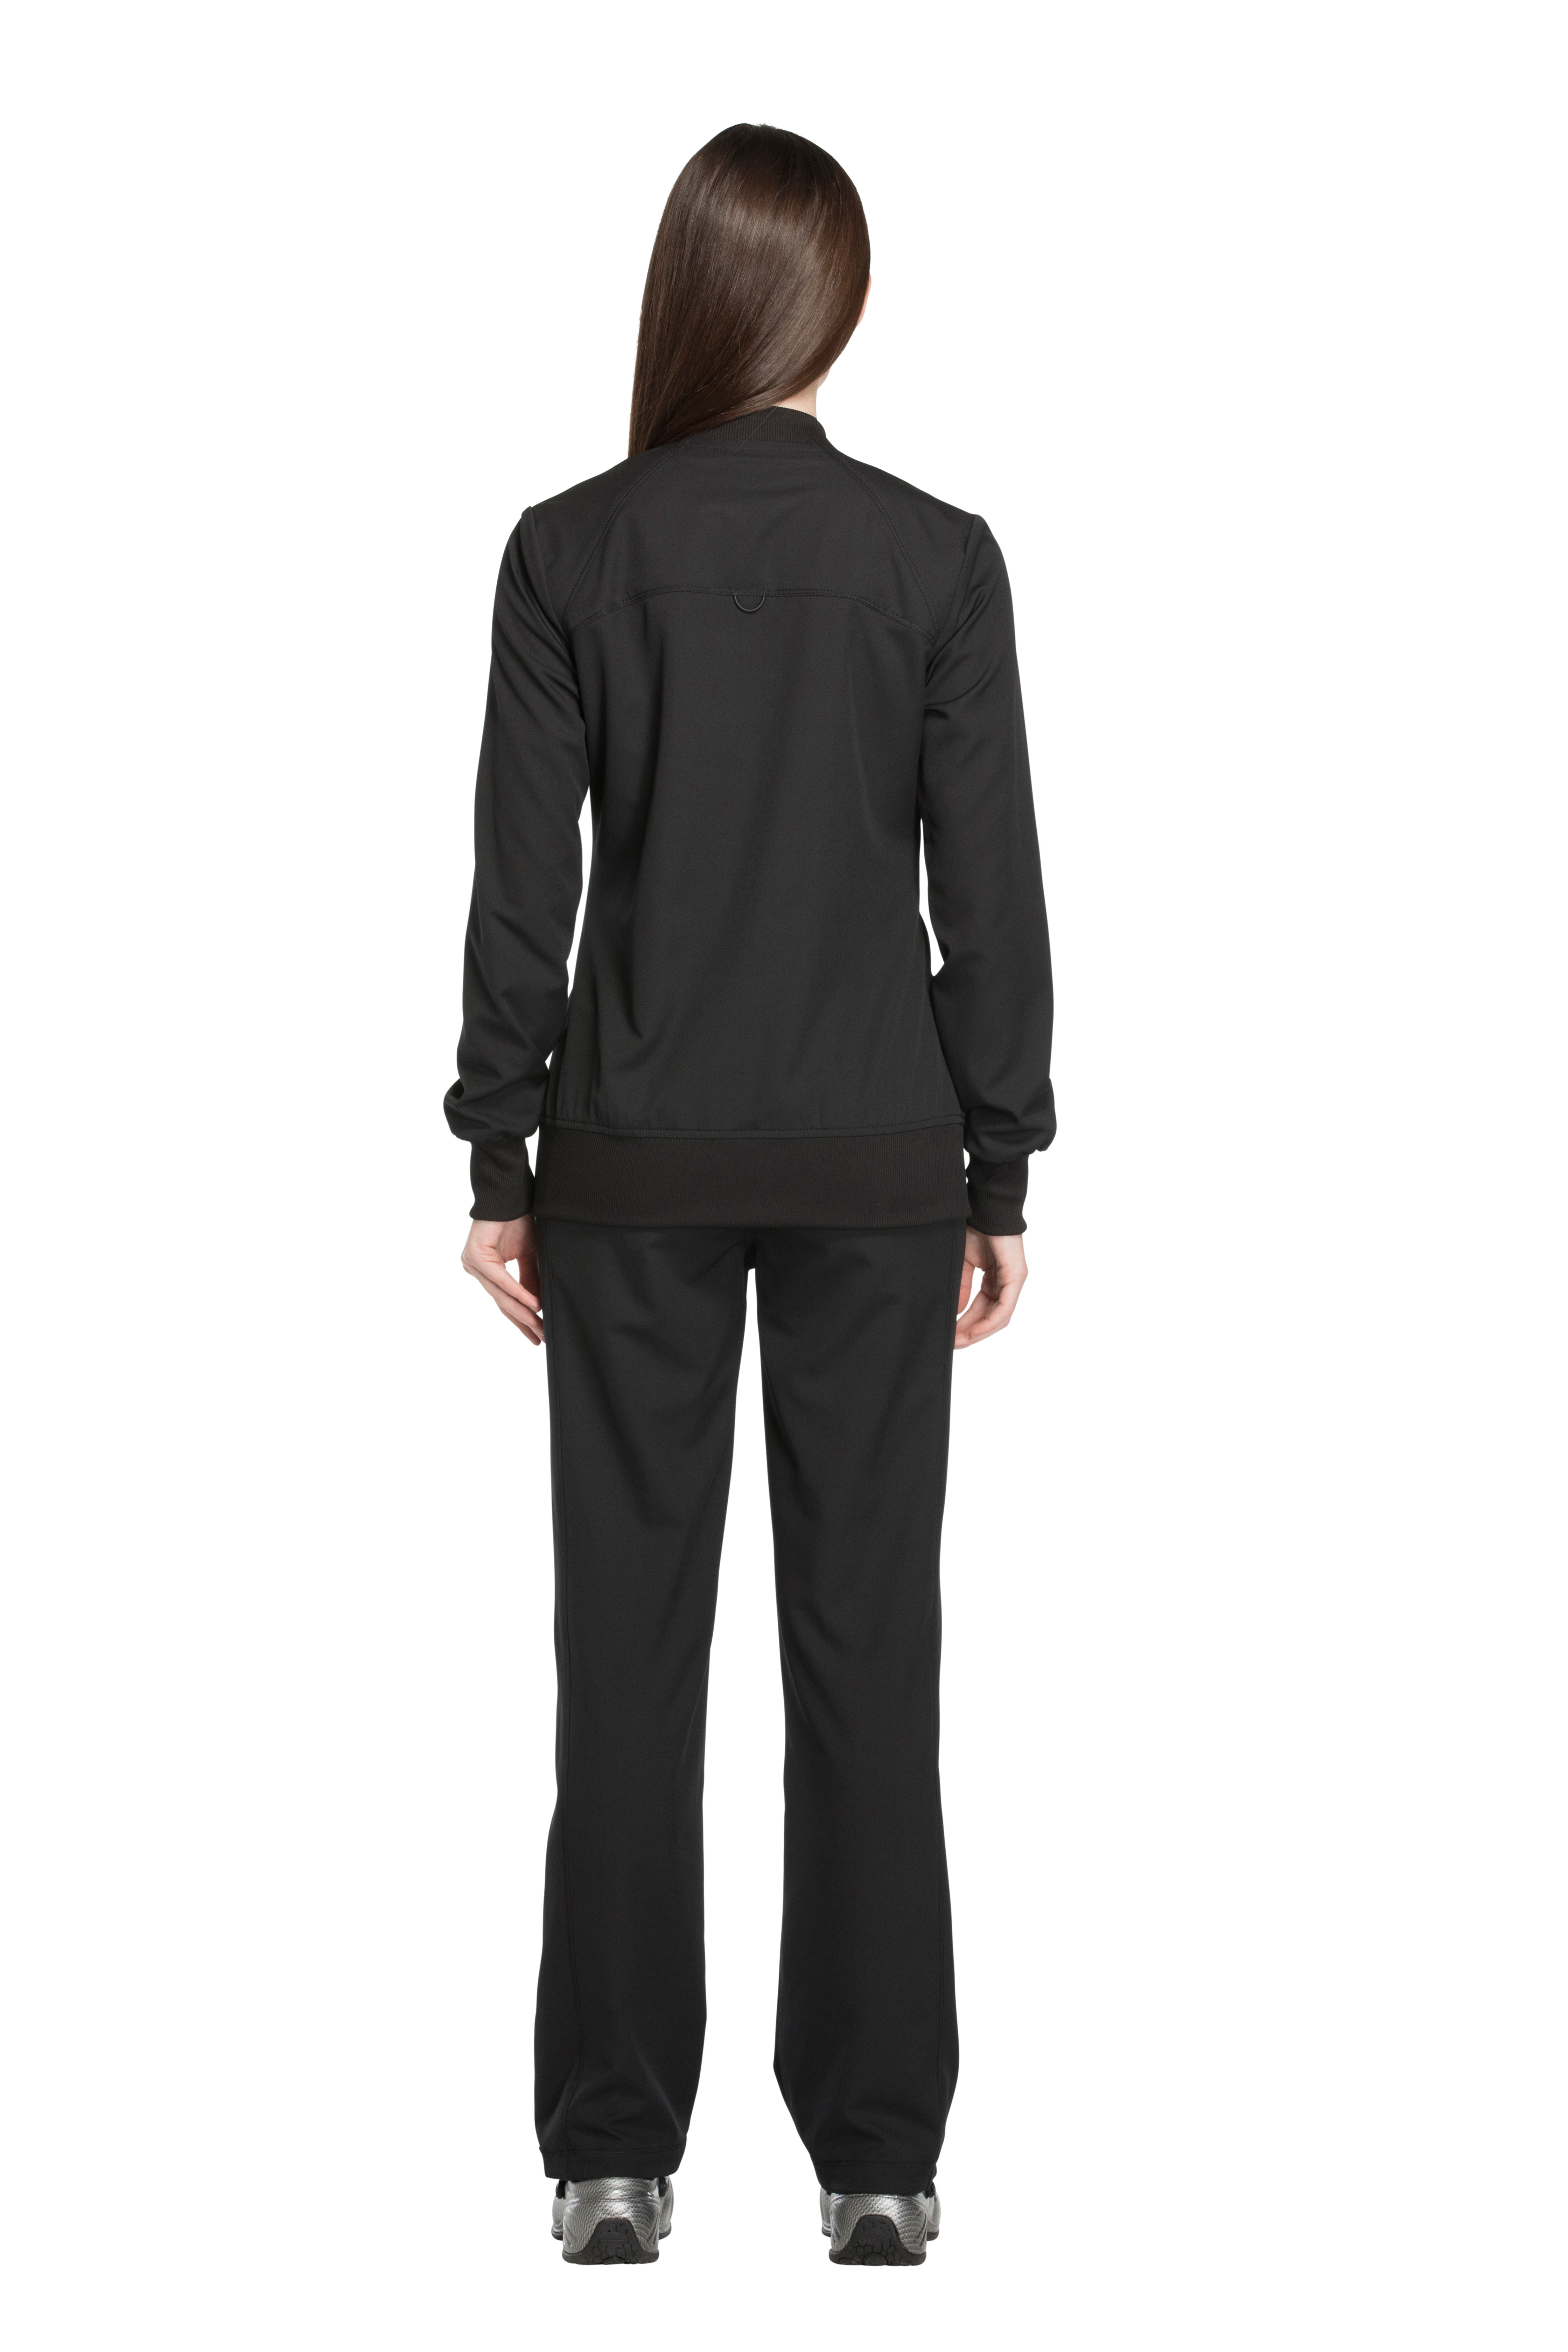 Dickies Dynamix Women's DK330 Zip Front Scrub Jacket   eBay